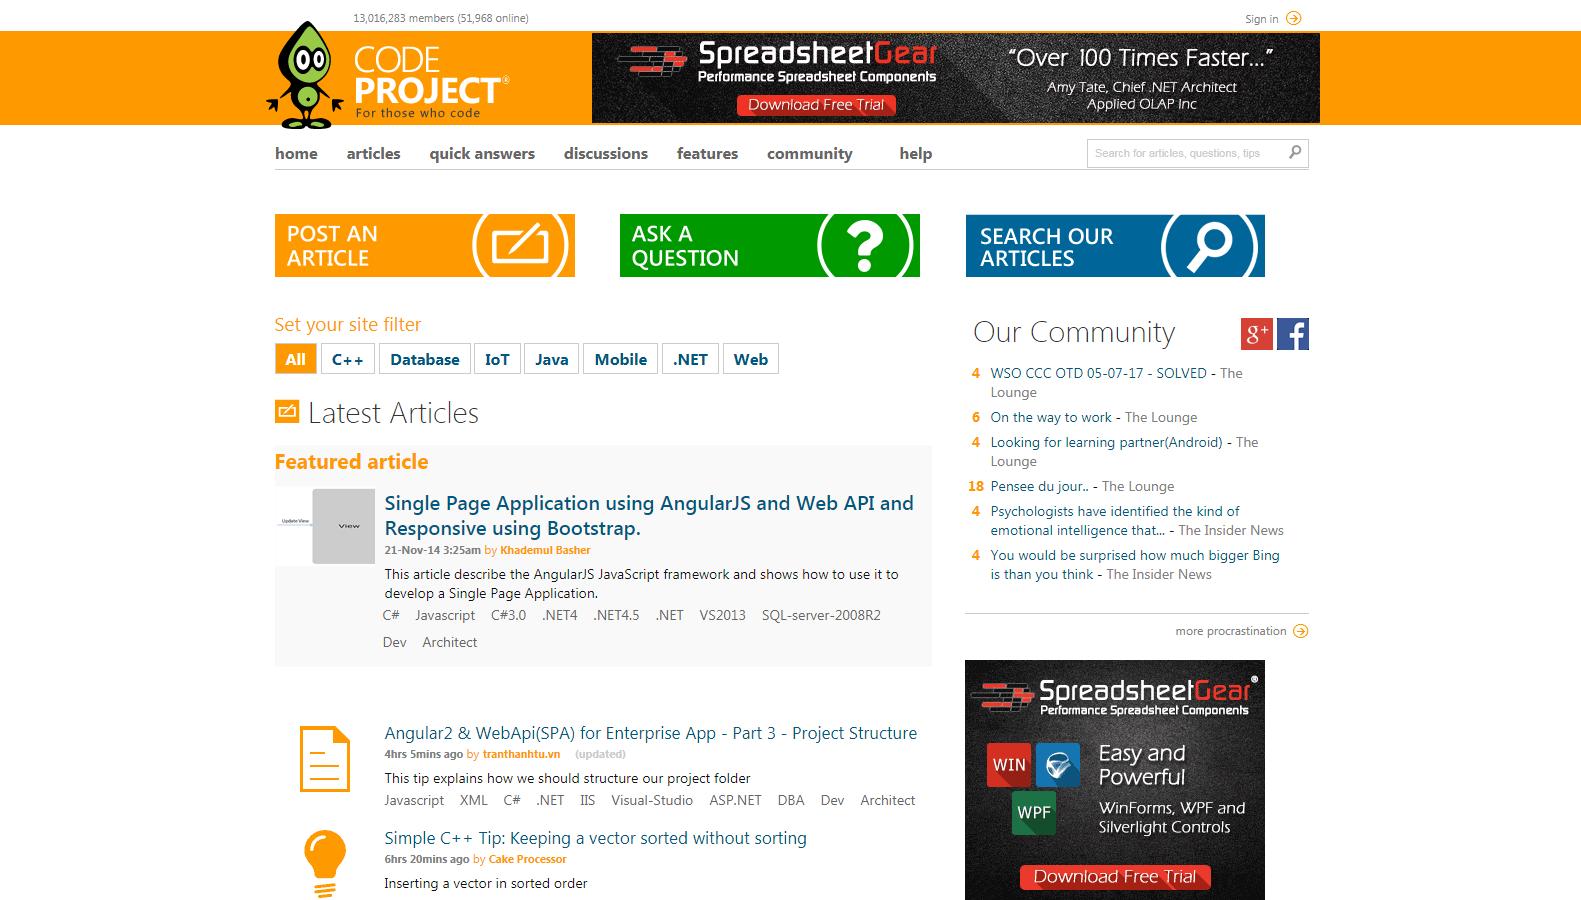 nauka programowania serwis społecznościowy code project